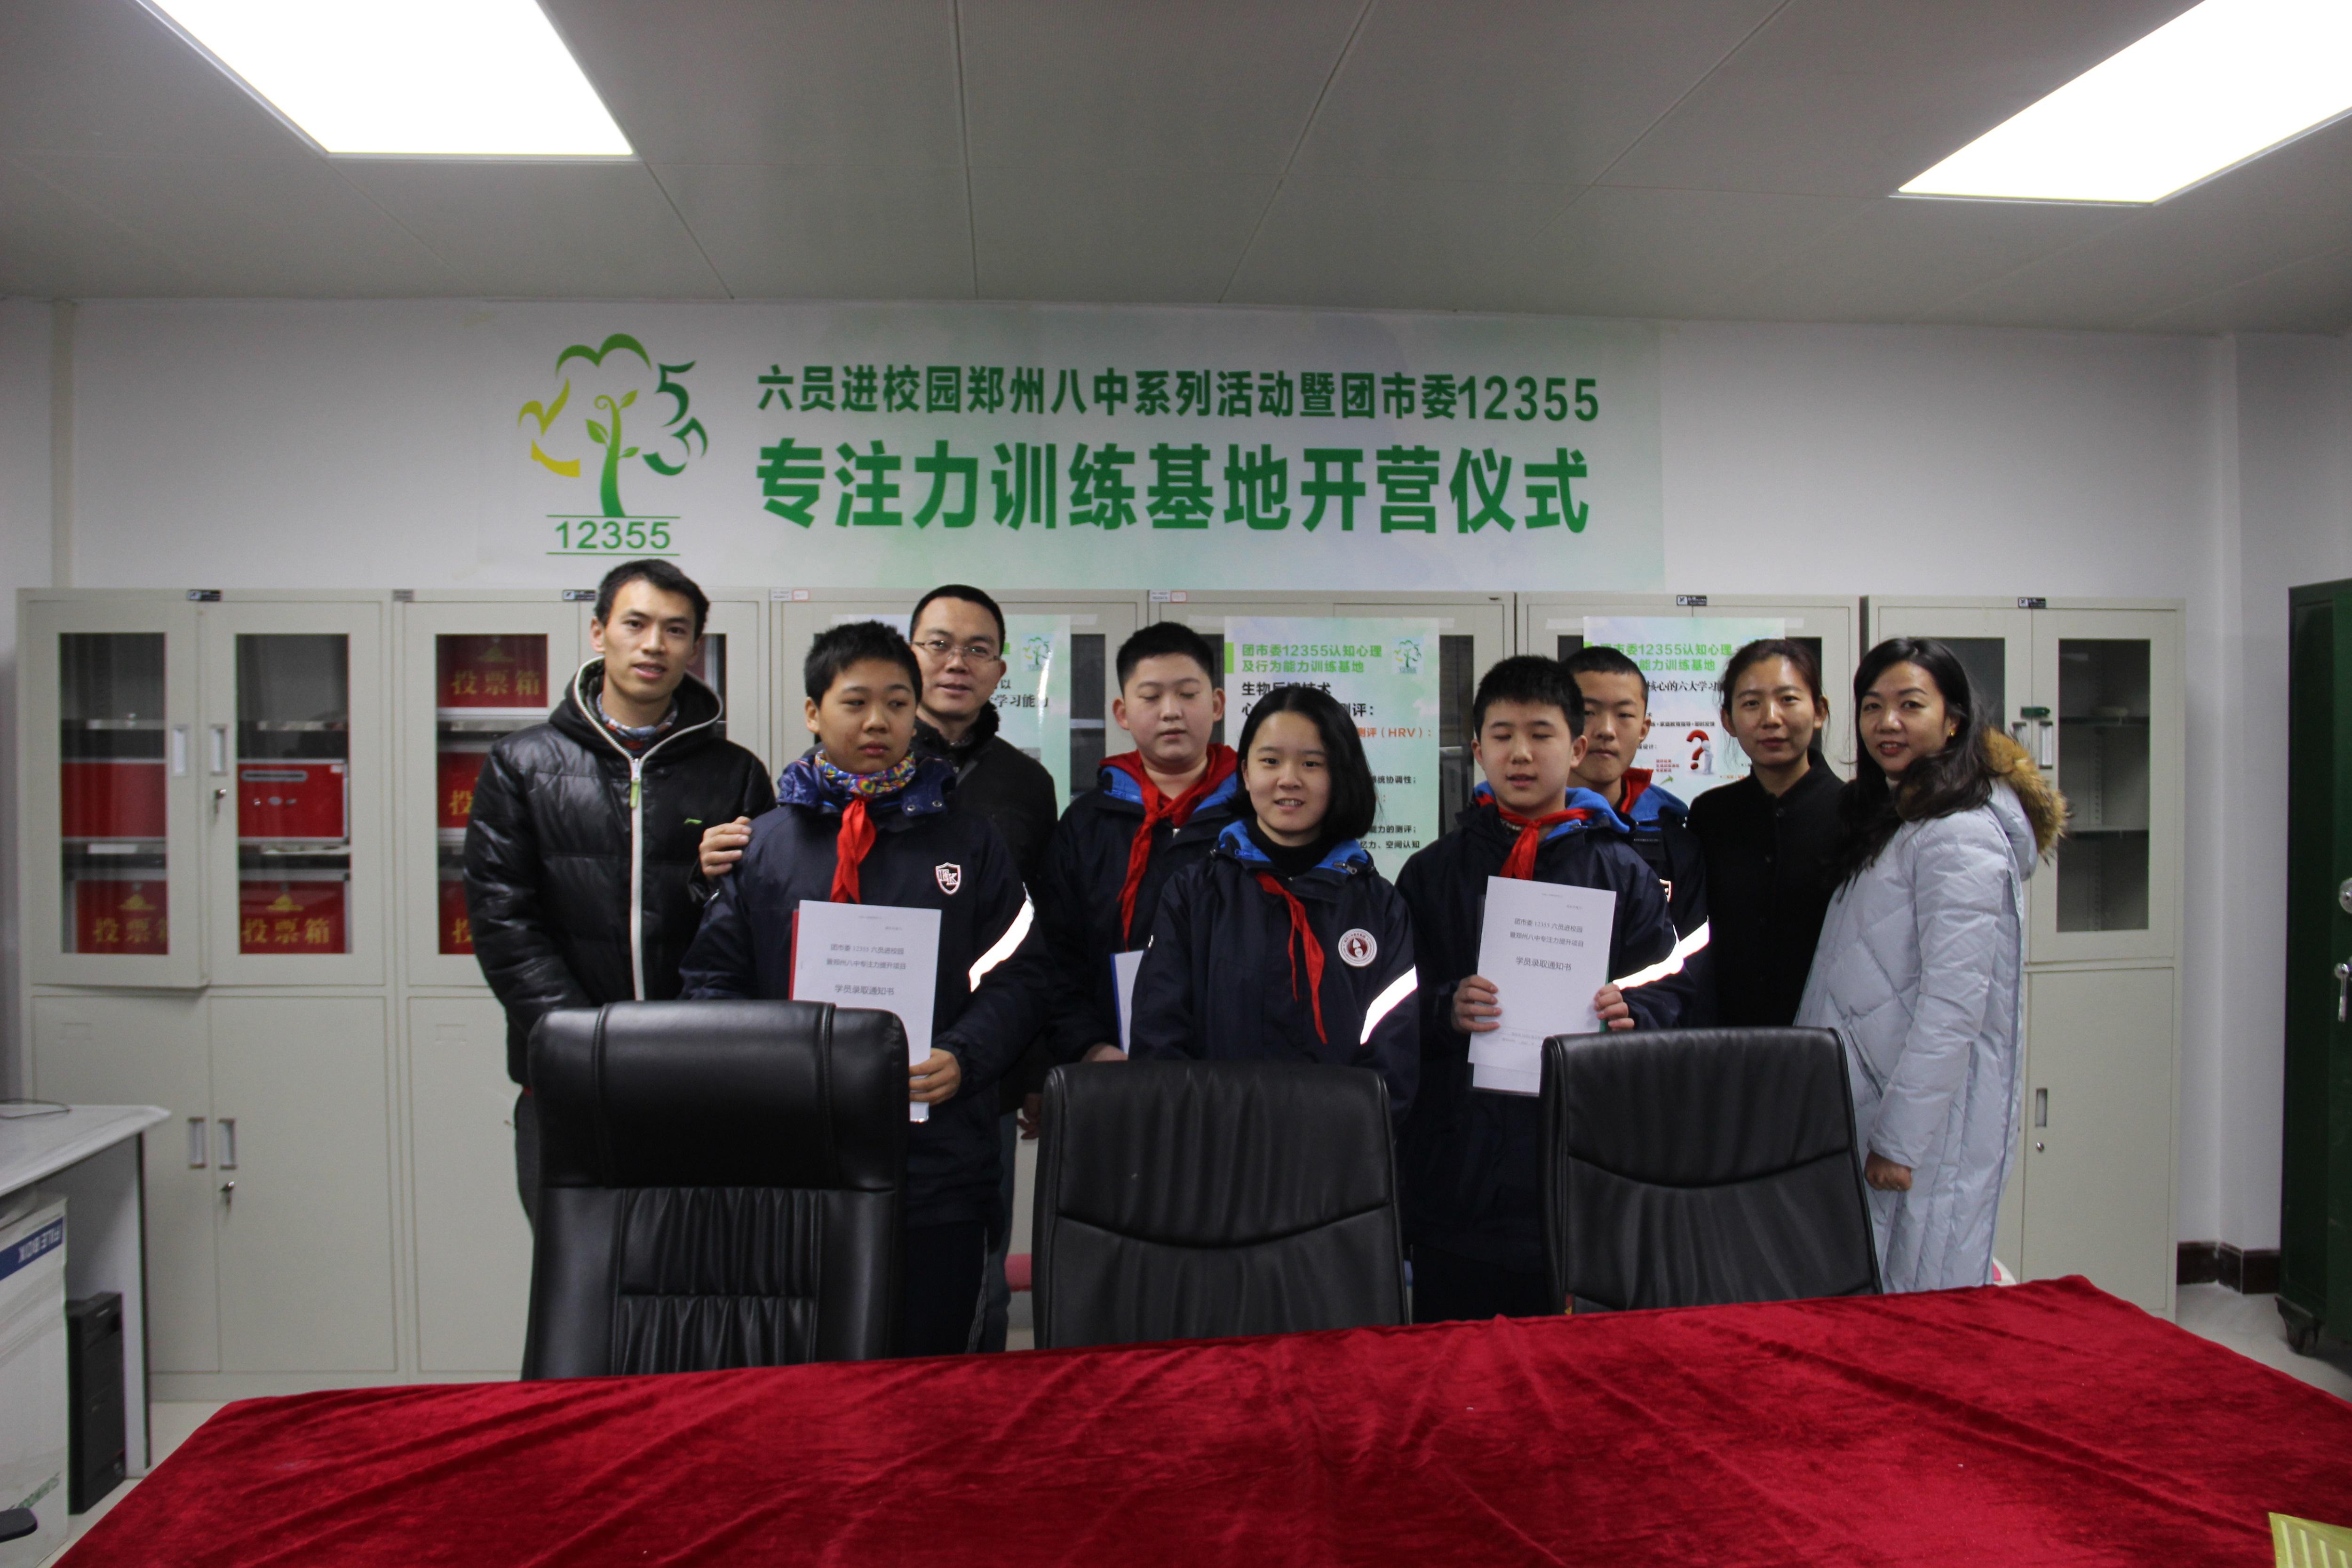 六员进校园郑州八中系列活动暨团市委12355专注力训练基地开营仪式.